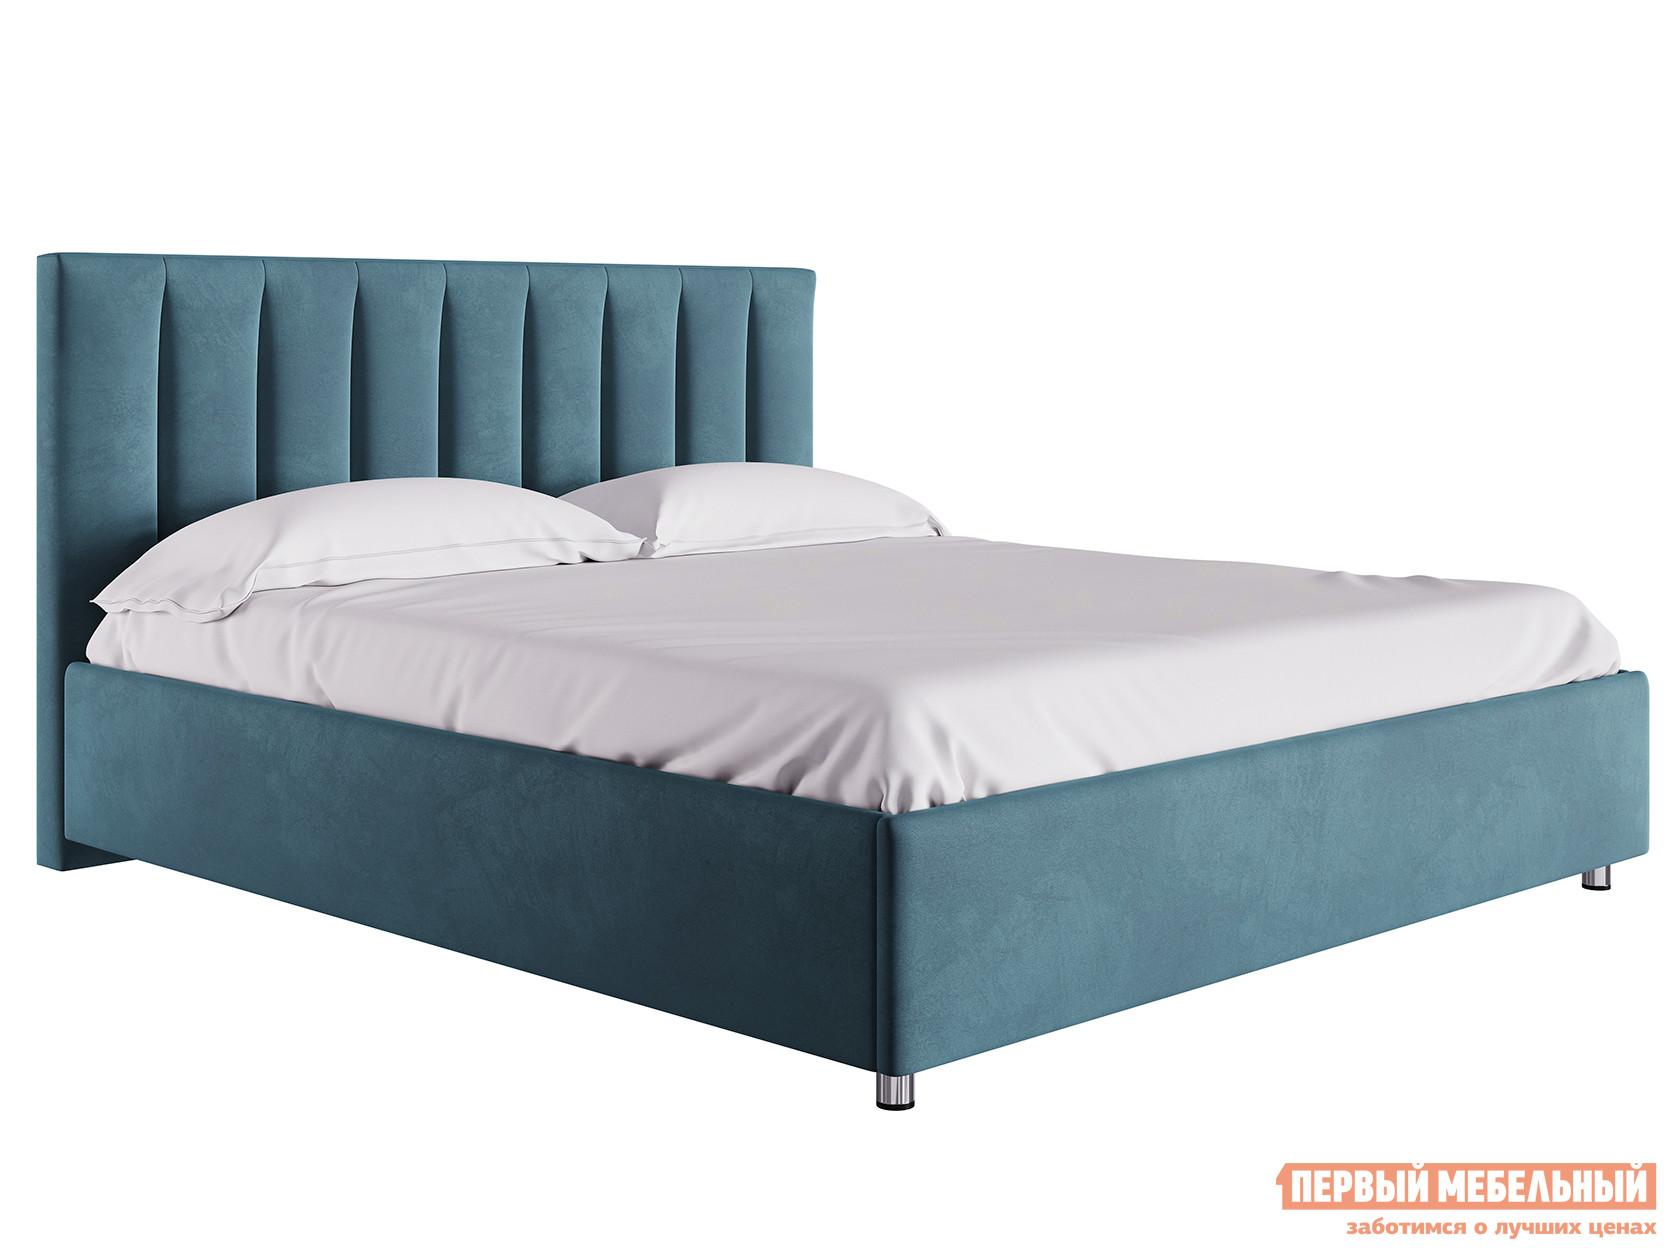 Двуспальная кровать  Кровать с подъемным механизмом Кармэн Синий, микровелюр, 1800 Х 2000 мм